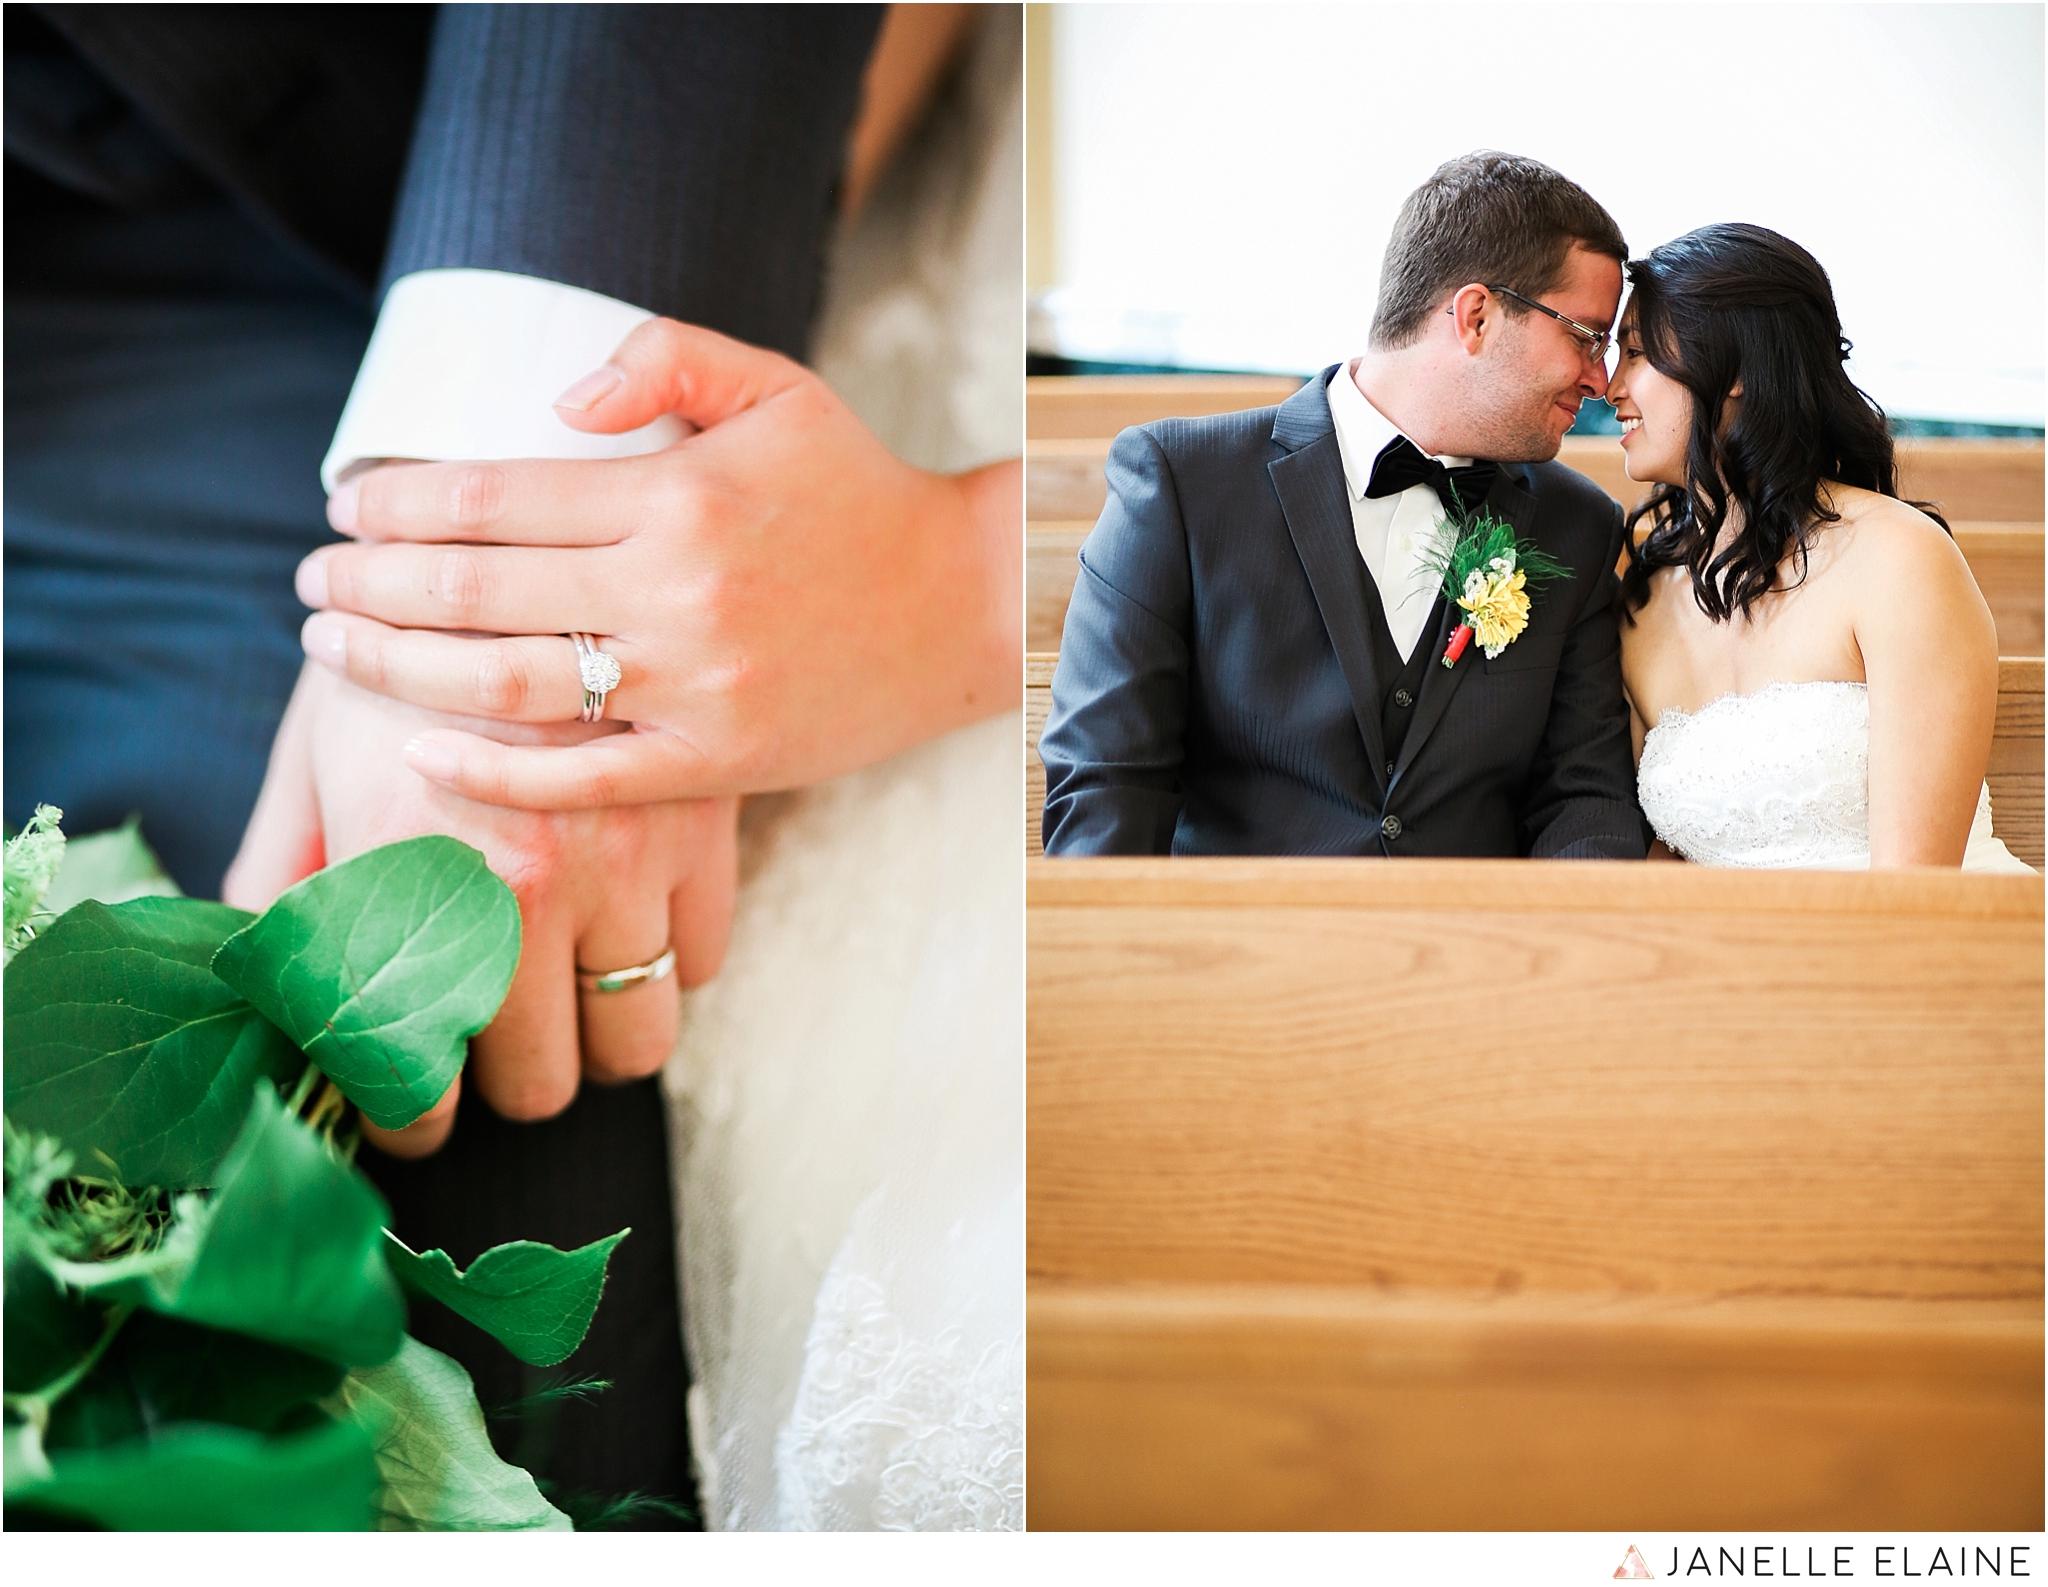 janelle elaine photography-professional wedding photographer seattle--63.jpg